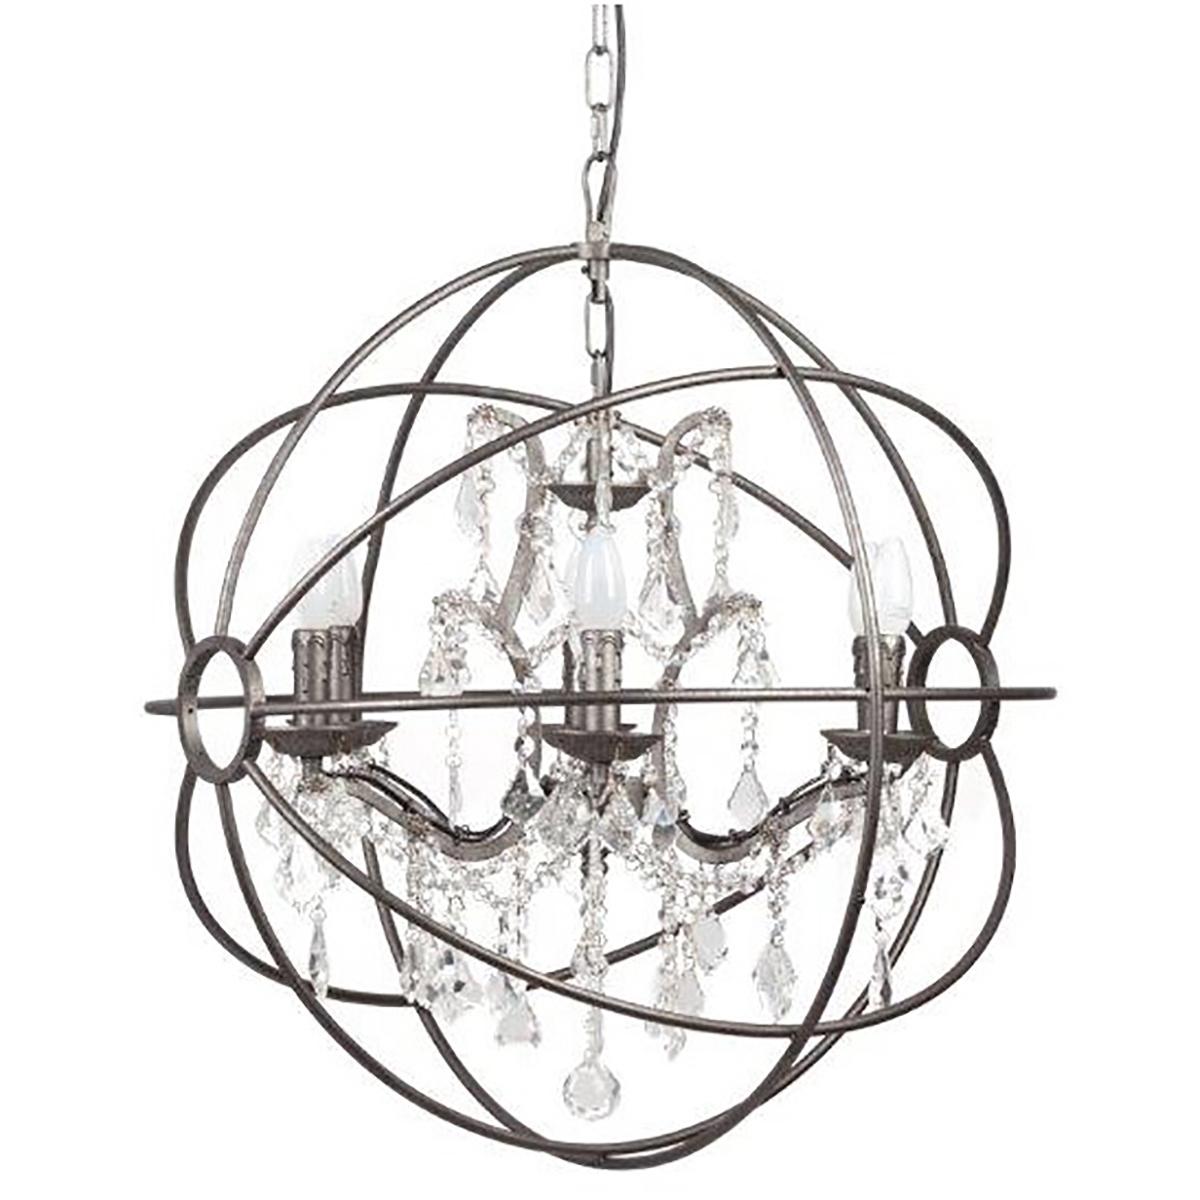 Купить Люстра Foucault's Orb Crystal (60*60*64) в интернет магазине дизайнерской мебели и аксессуаров для дома и дачи